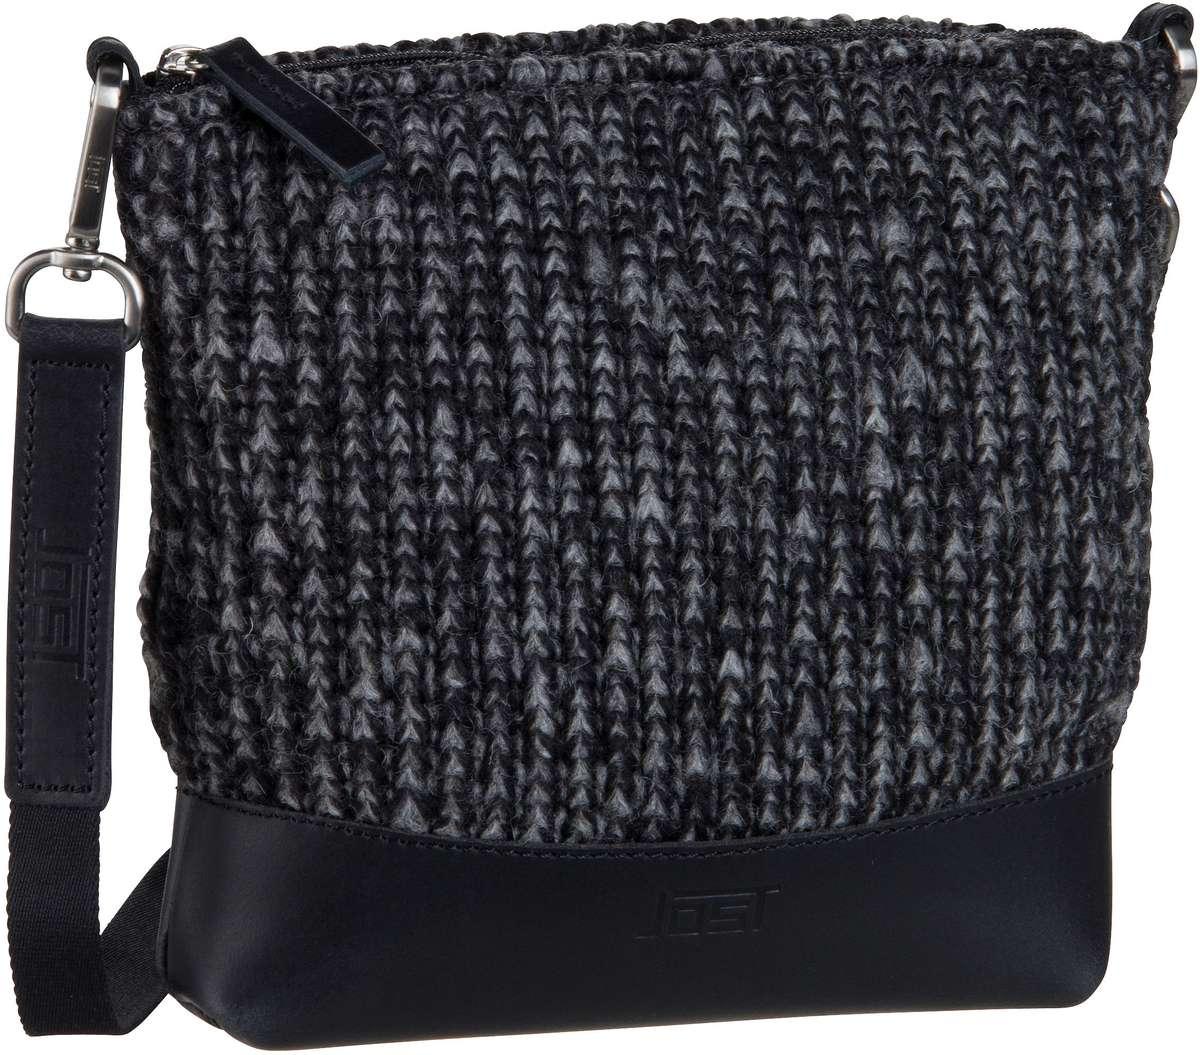 Umhängetasche Nura 3833 Umhängetasche XS Grey Knitted